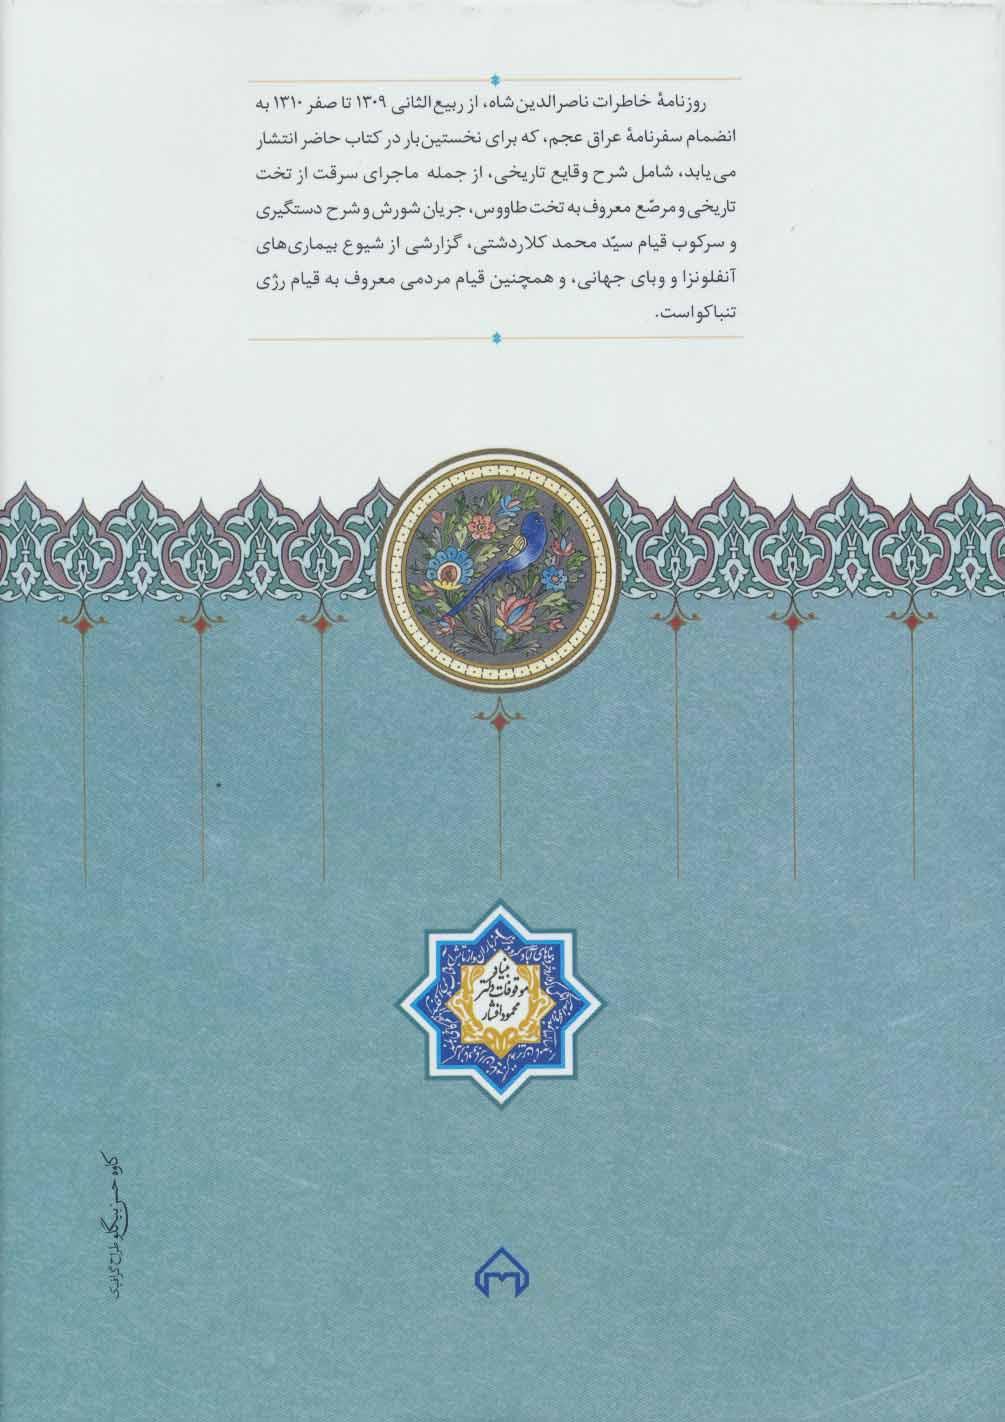 روزنامه خاطرات ناصرالدین شاه قاجار 6 (از ربیع الاول 1309 تا صفرالمظفر 1310ق)